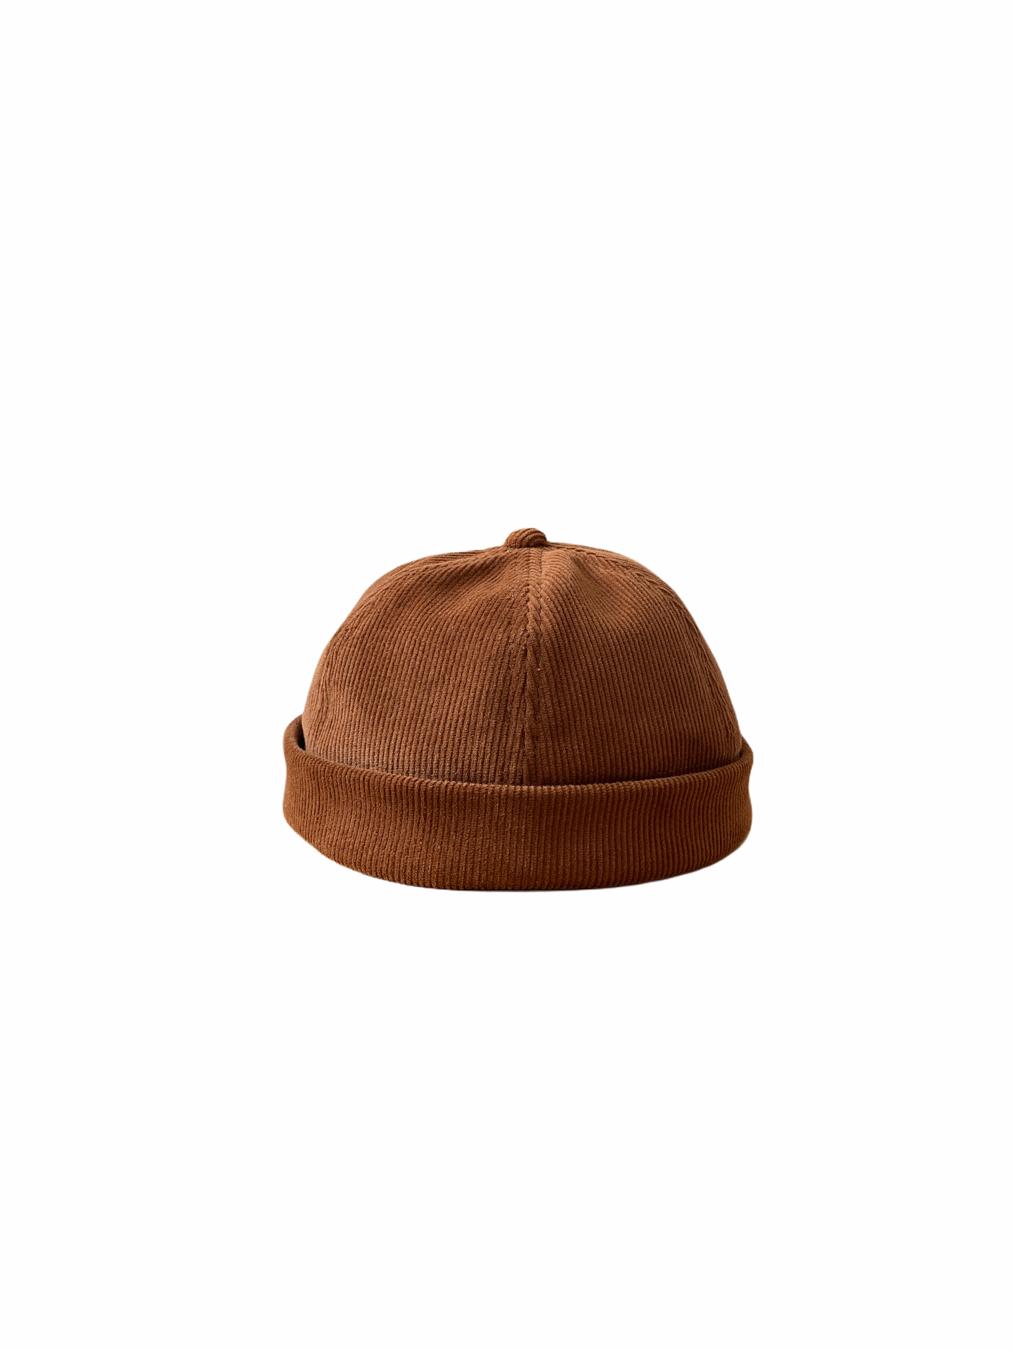 Miki Cap (Walnut)